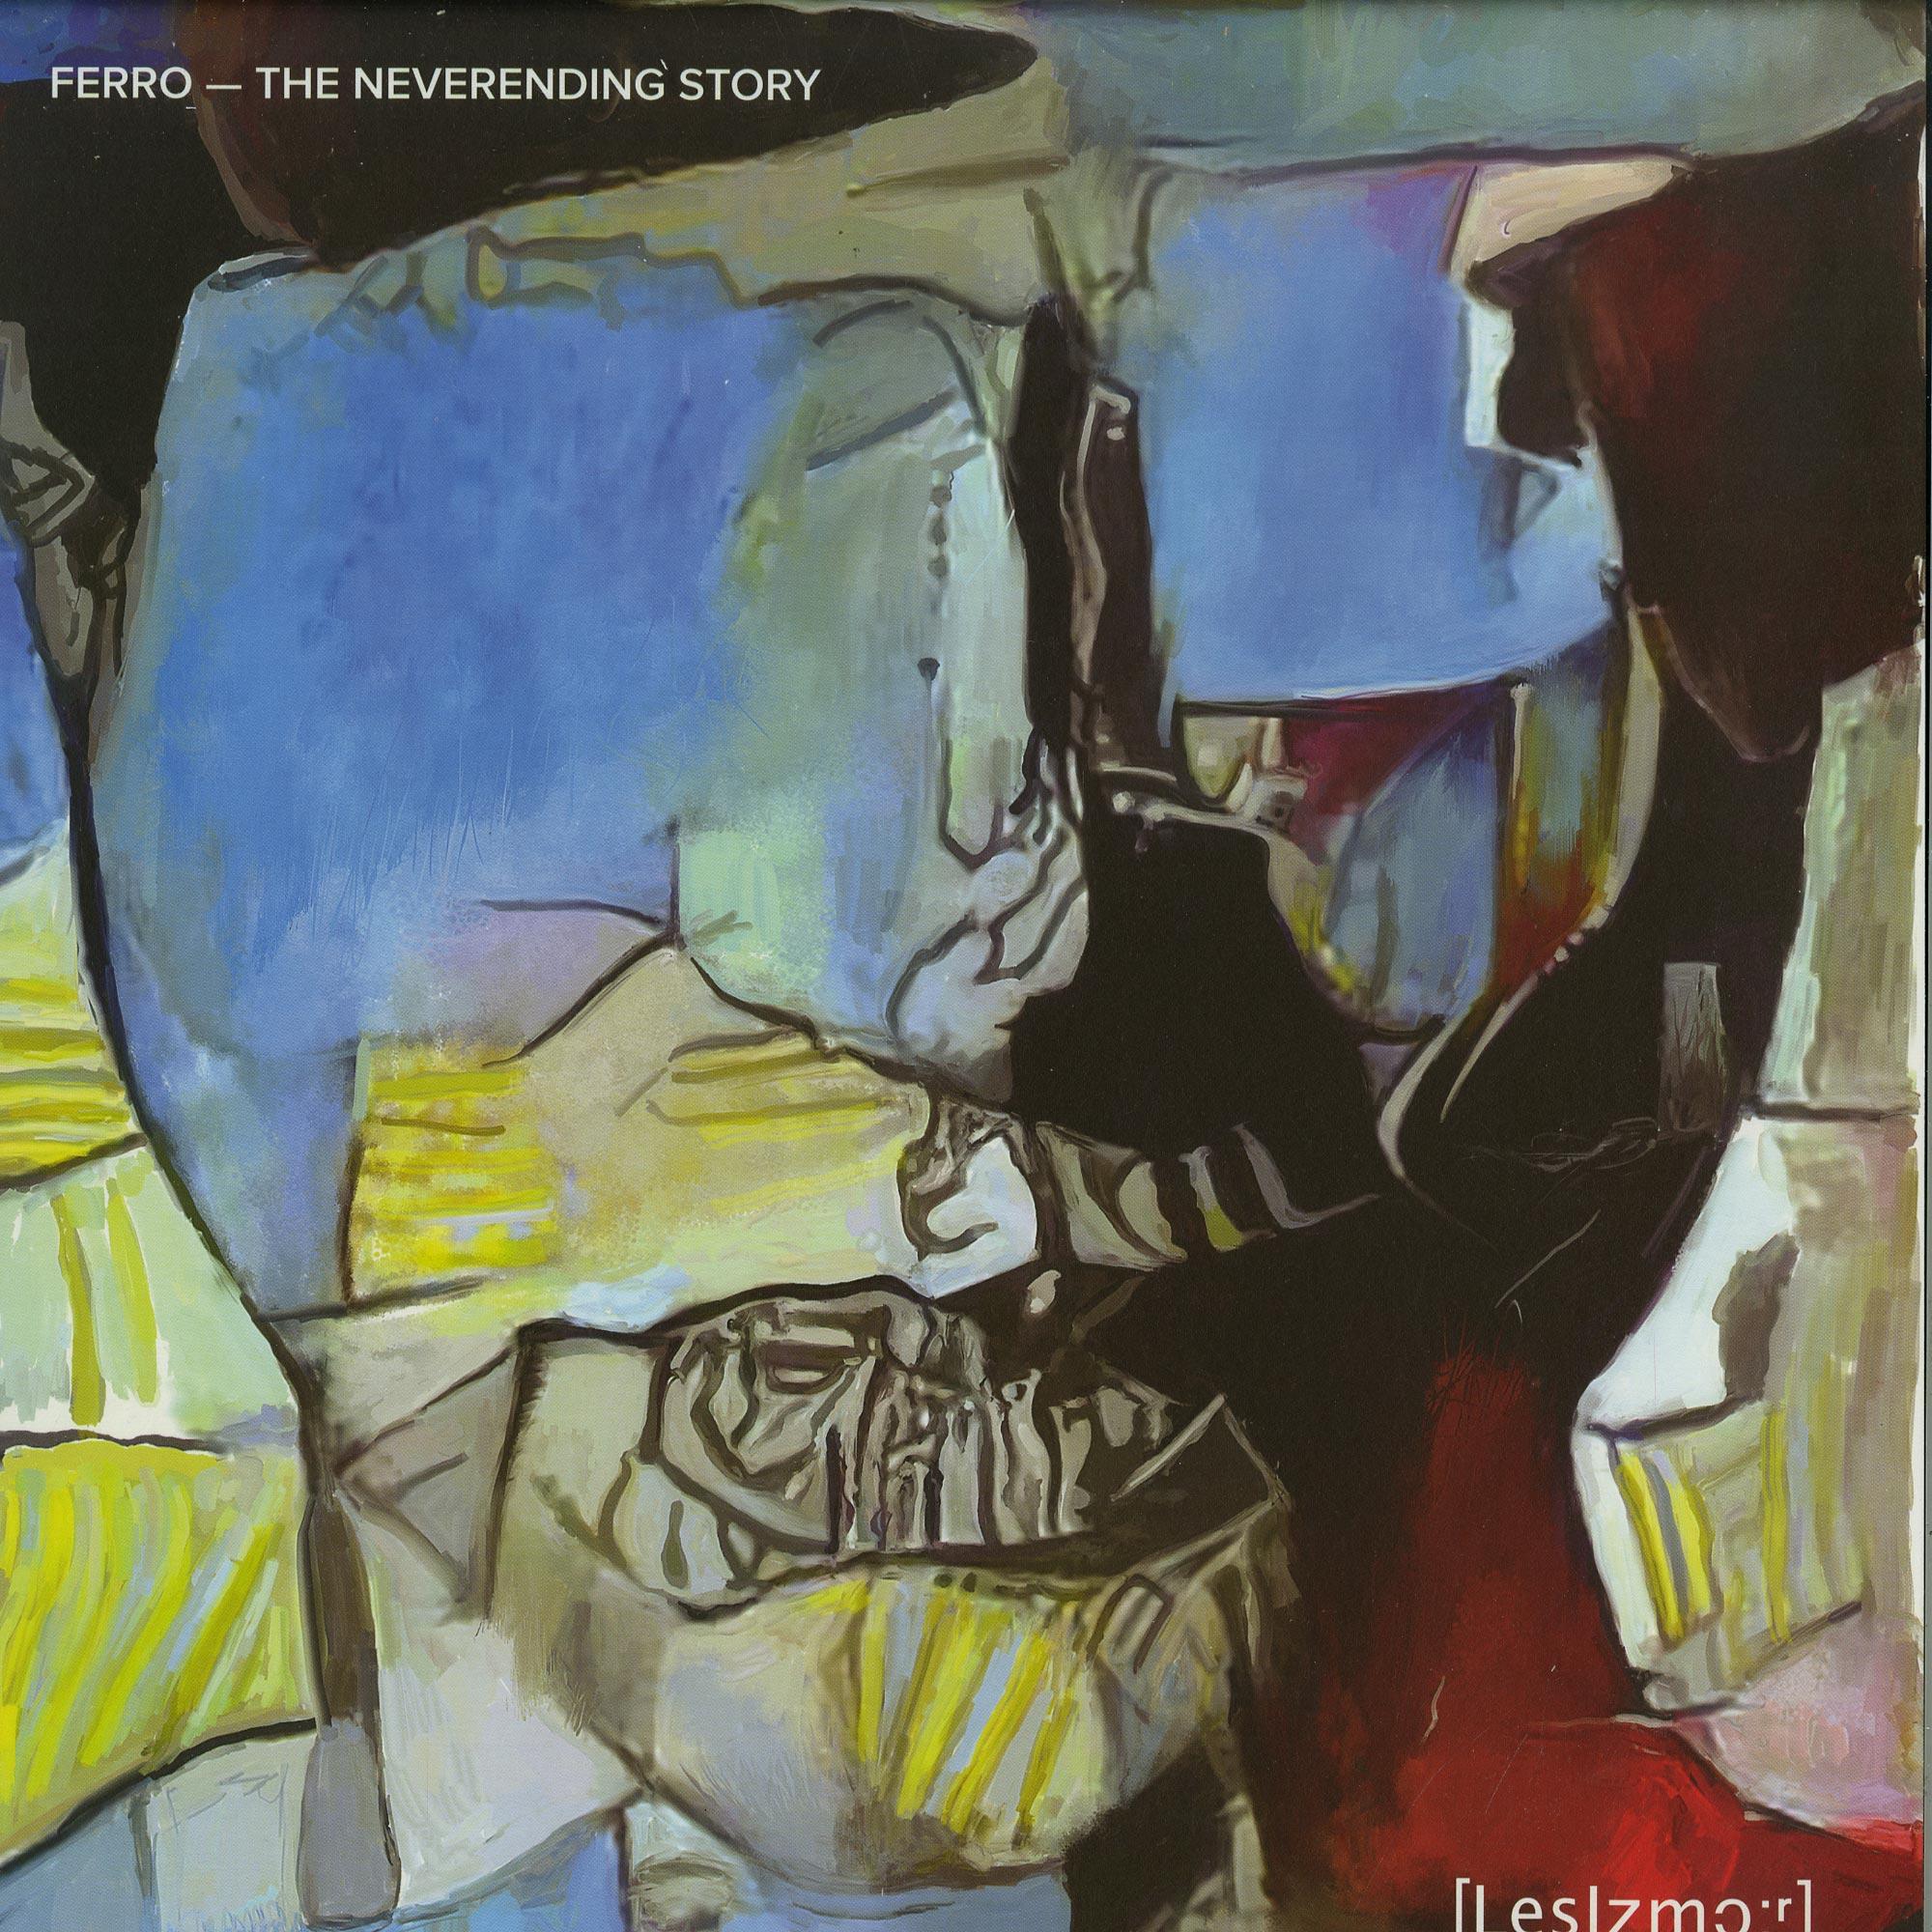 Ferro - THE NEVERENDING STORY